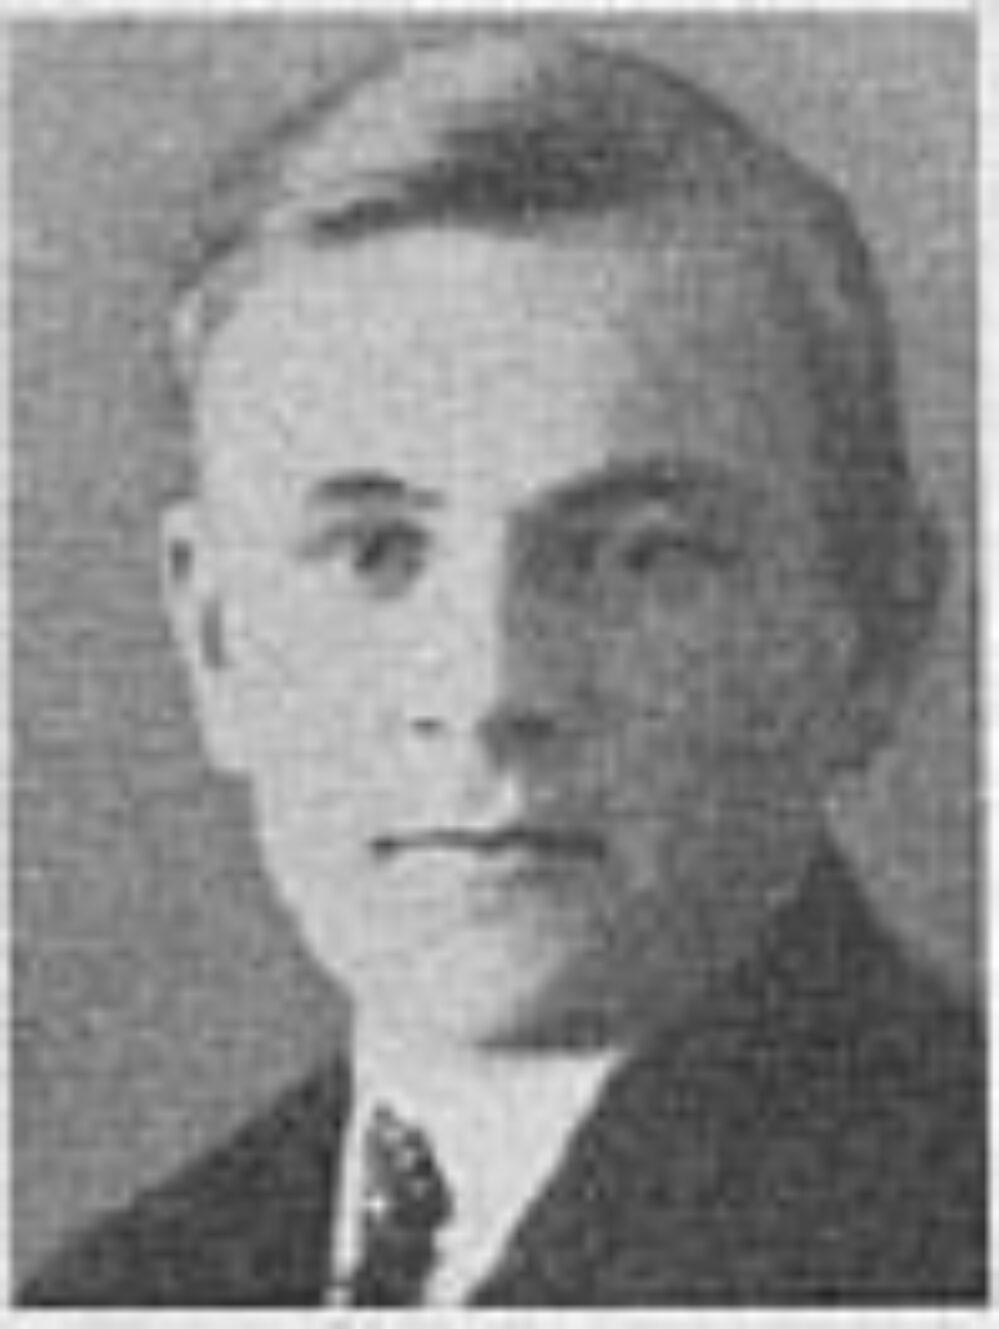 Sverre Olsen Selboe